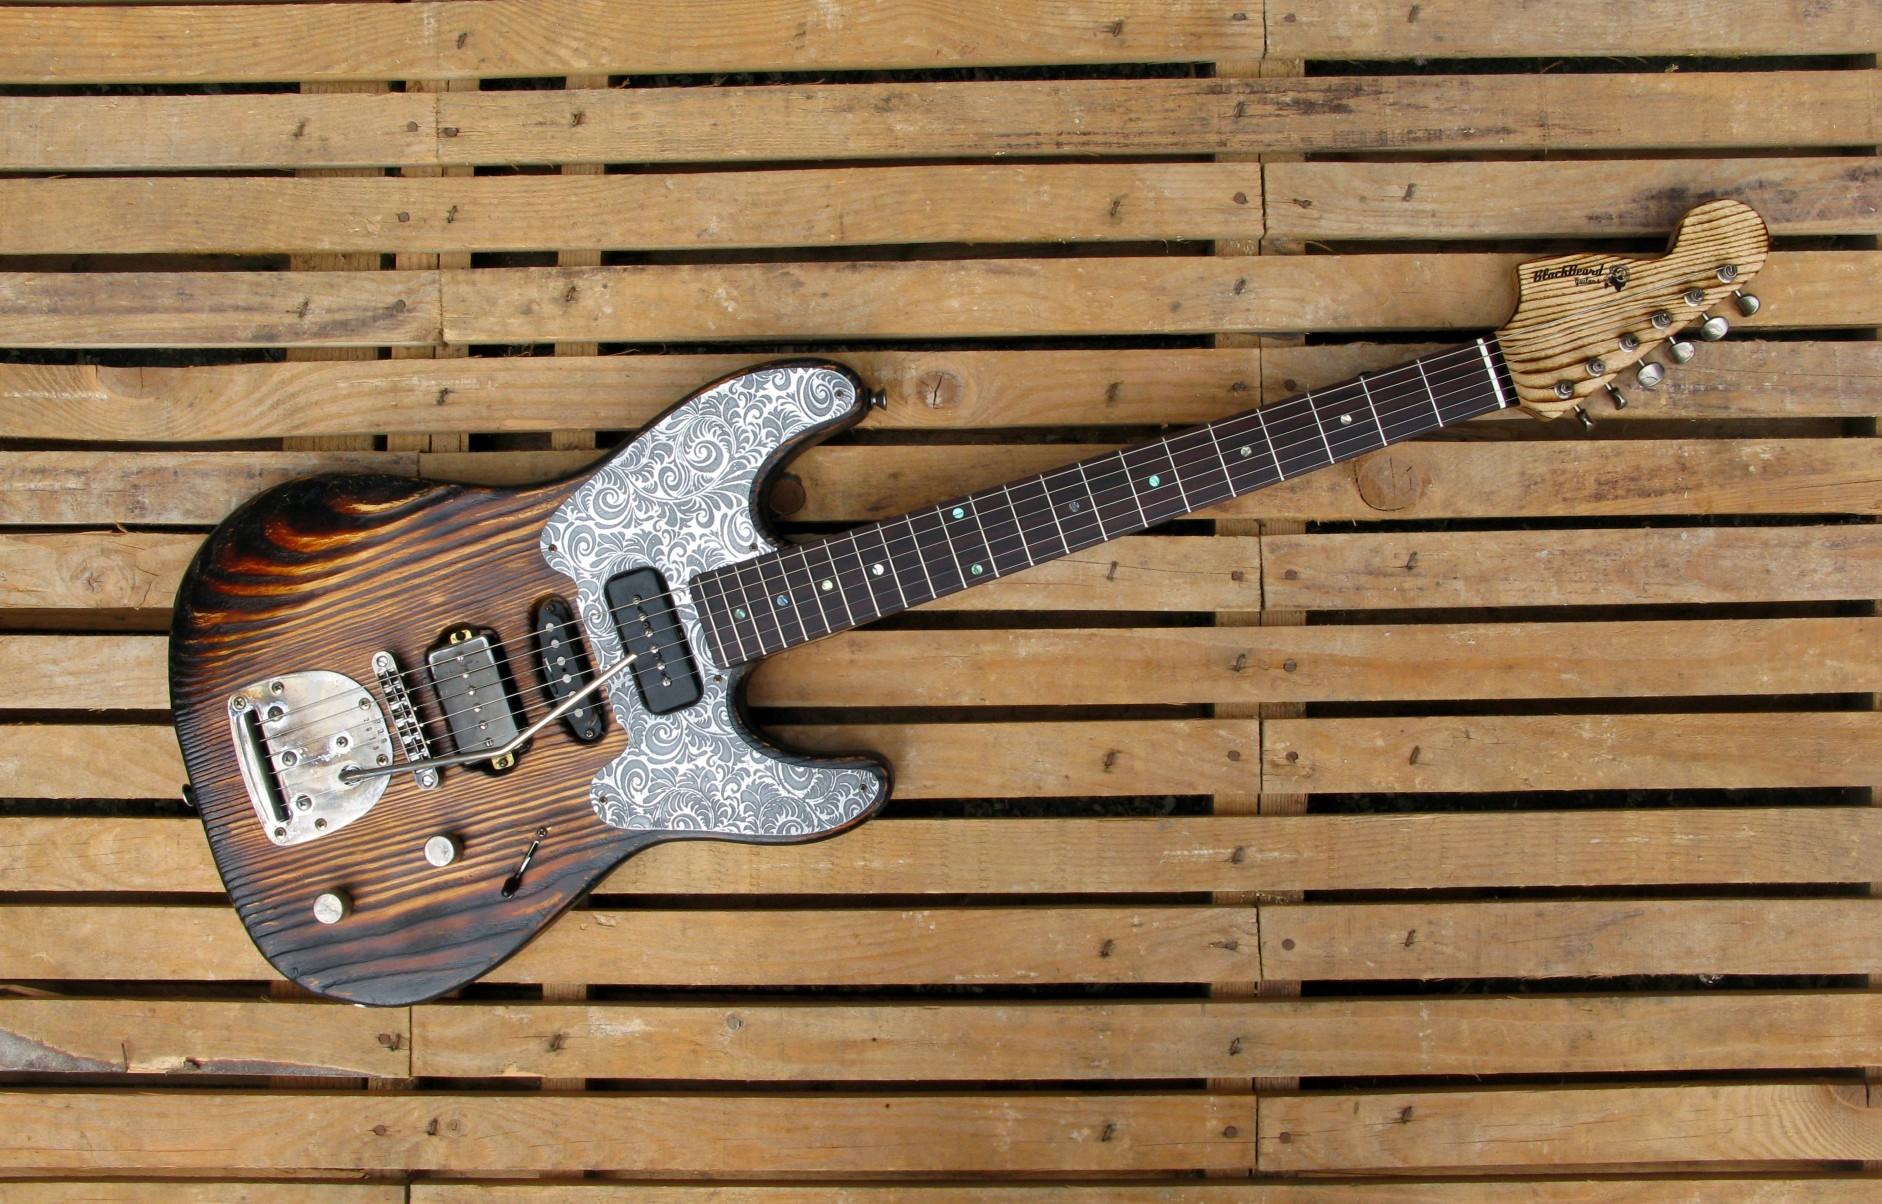 Chitarra modello Stratocaster, body in pino, manico in frassino, paletta reverse